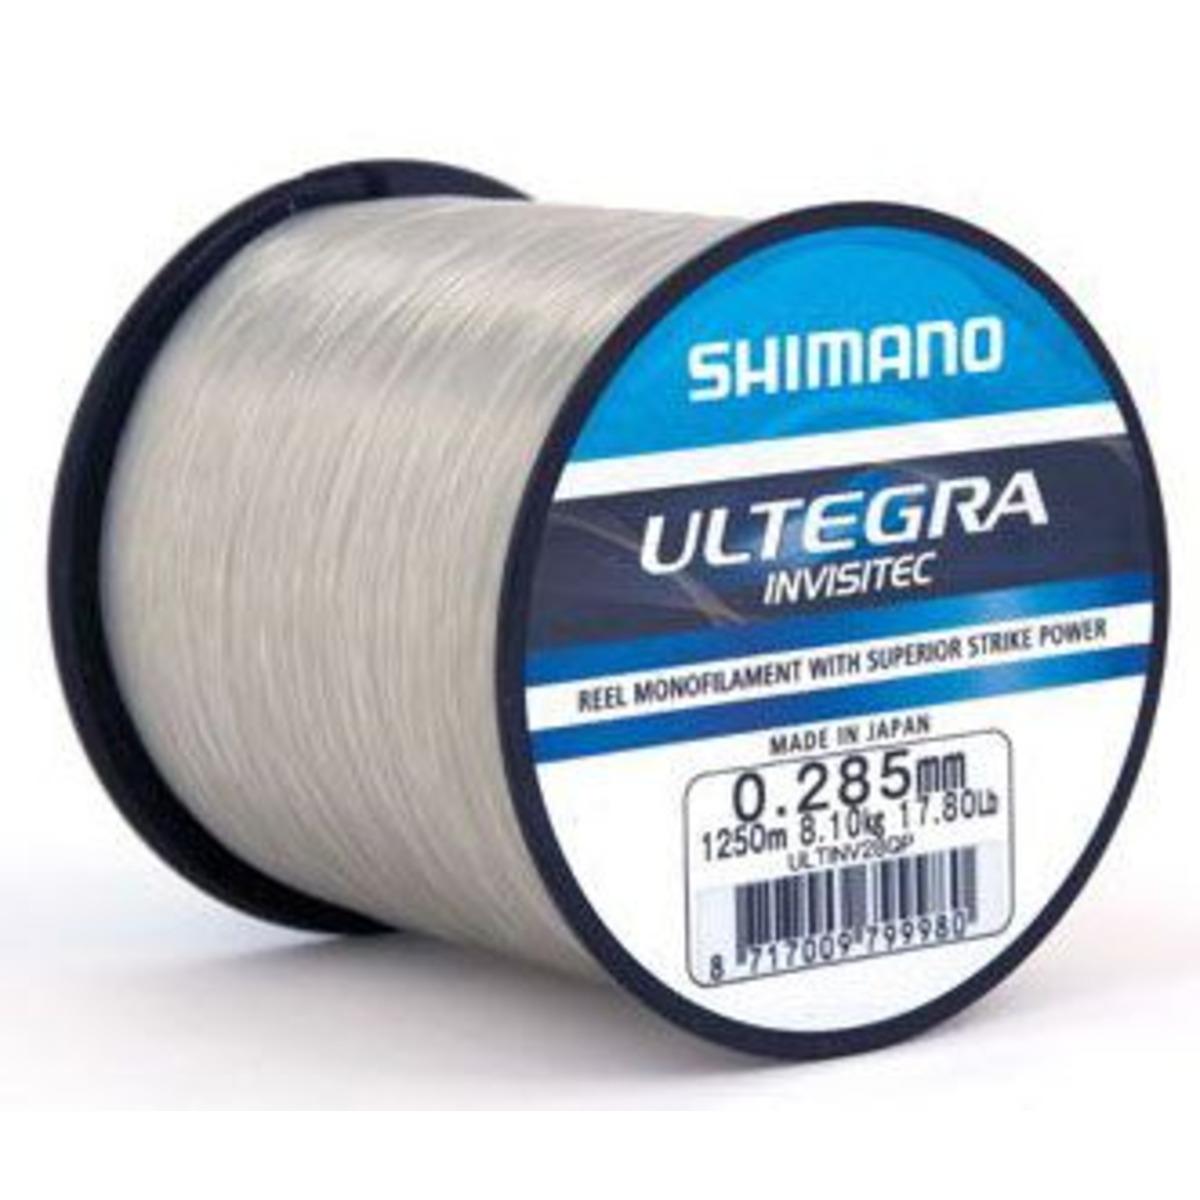 Shimano Ultegra Invisitec QP - 0.205 mm - 2480 m